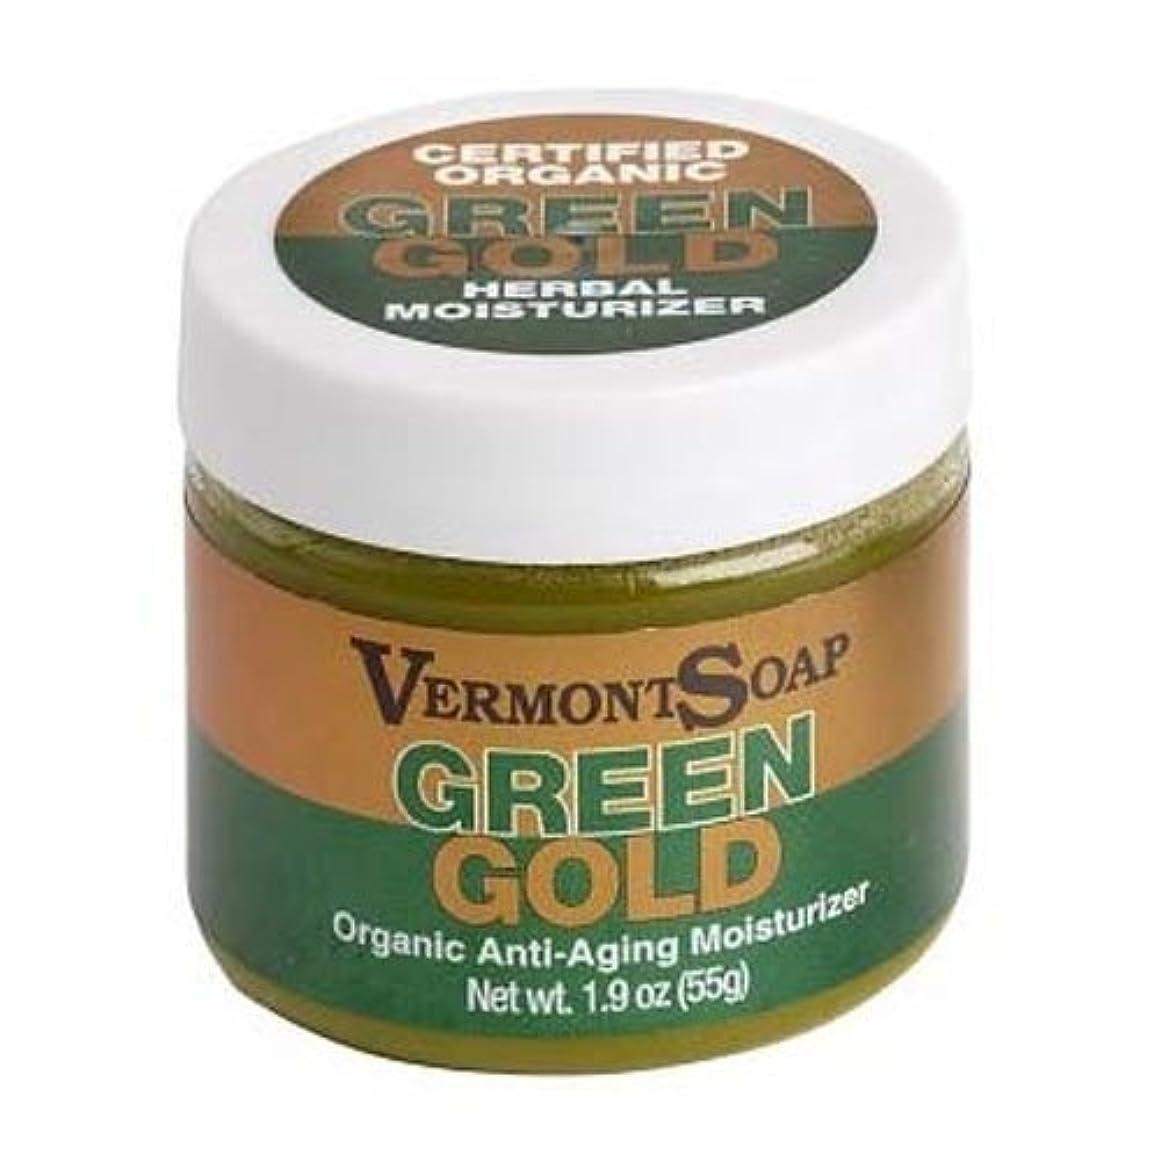 バーモントソープ オーガニック保湿クリームグリーンゴールドL